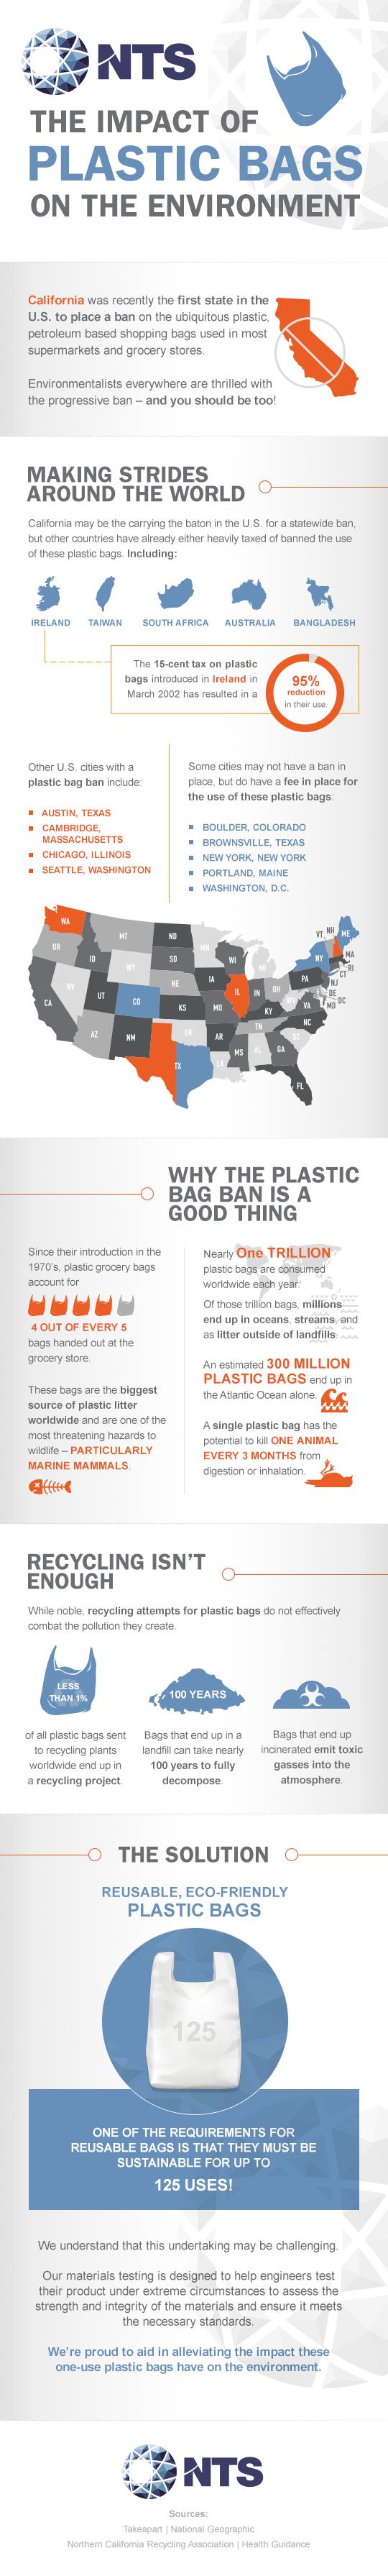 nts-plastic-bags